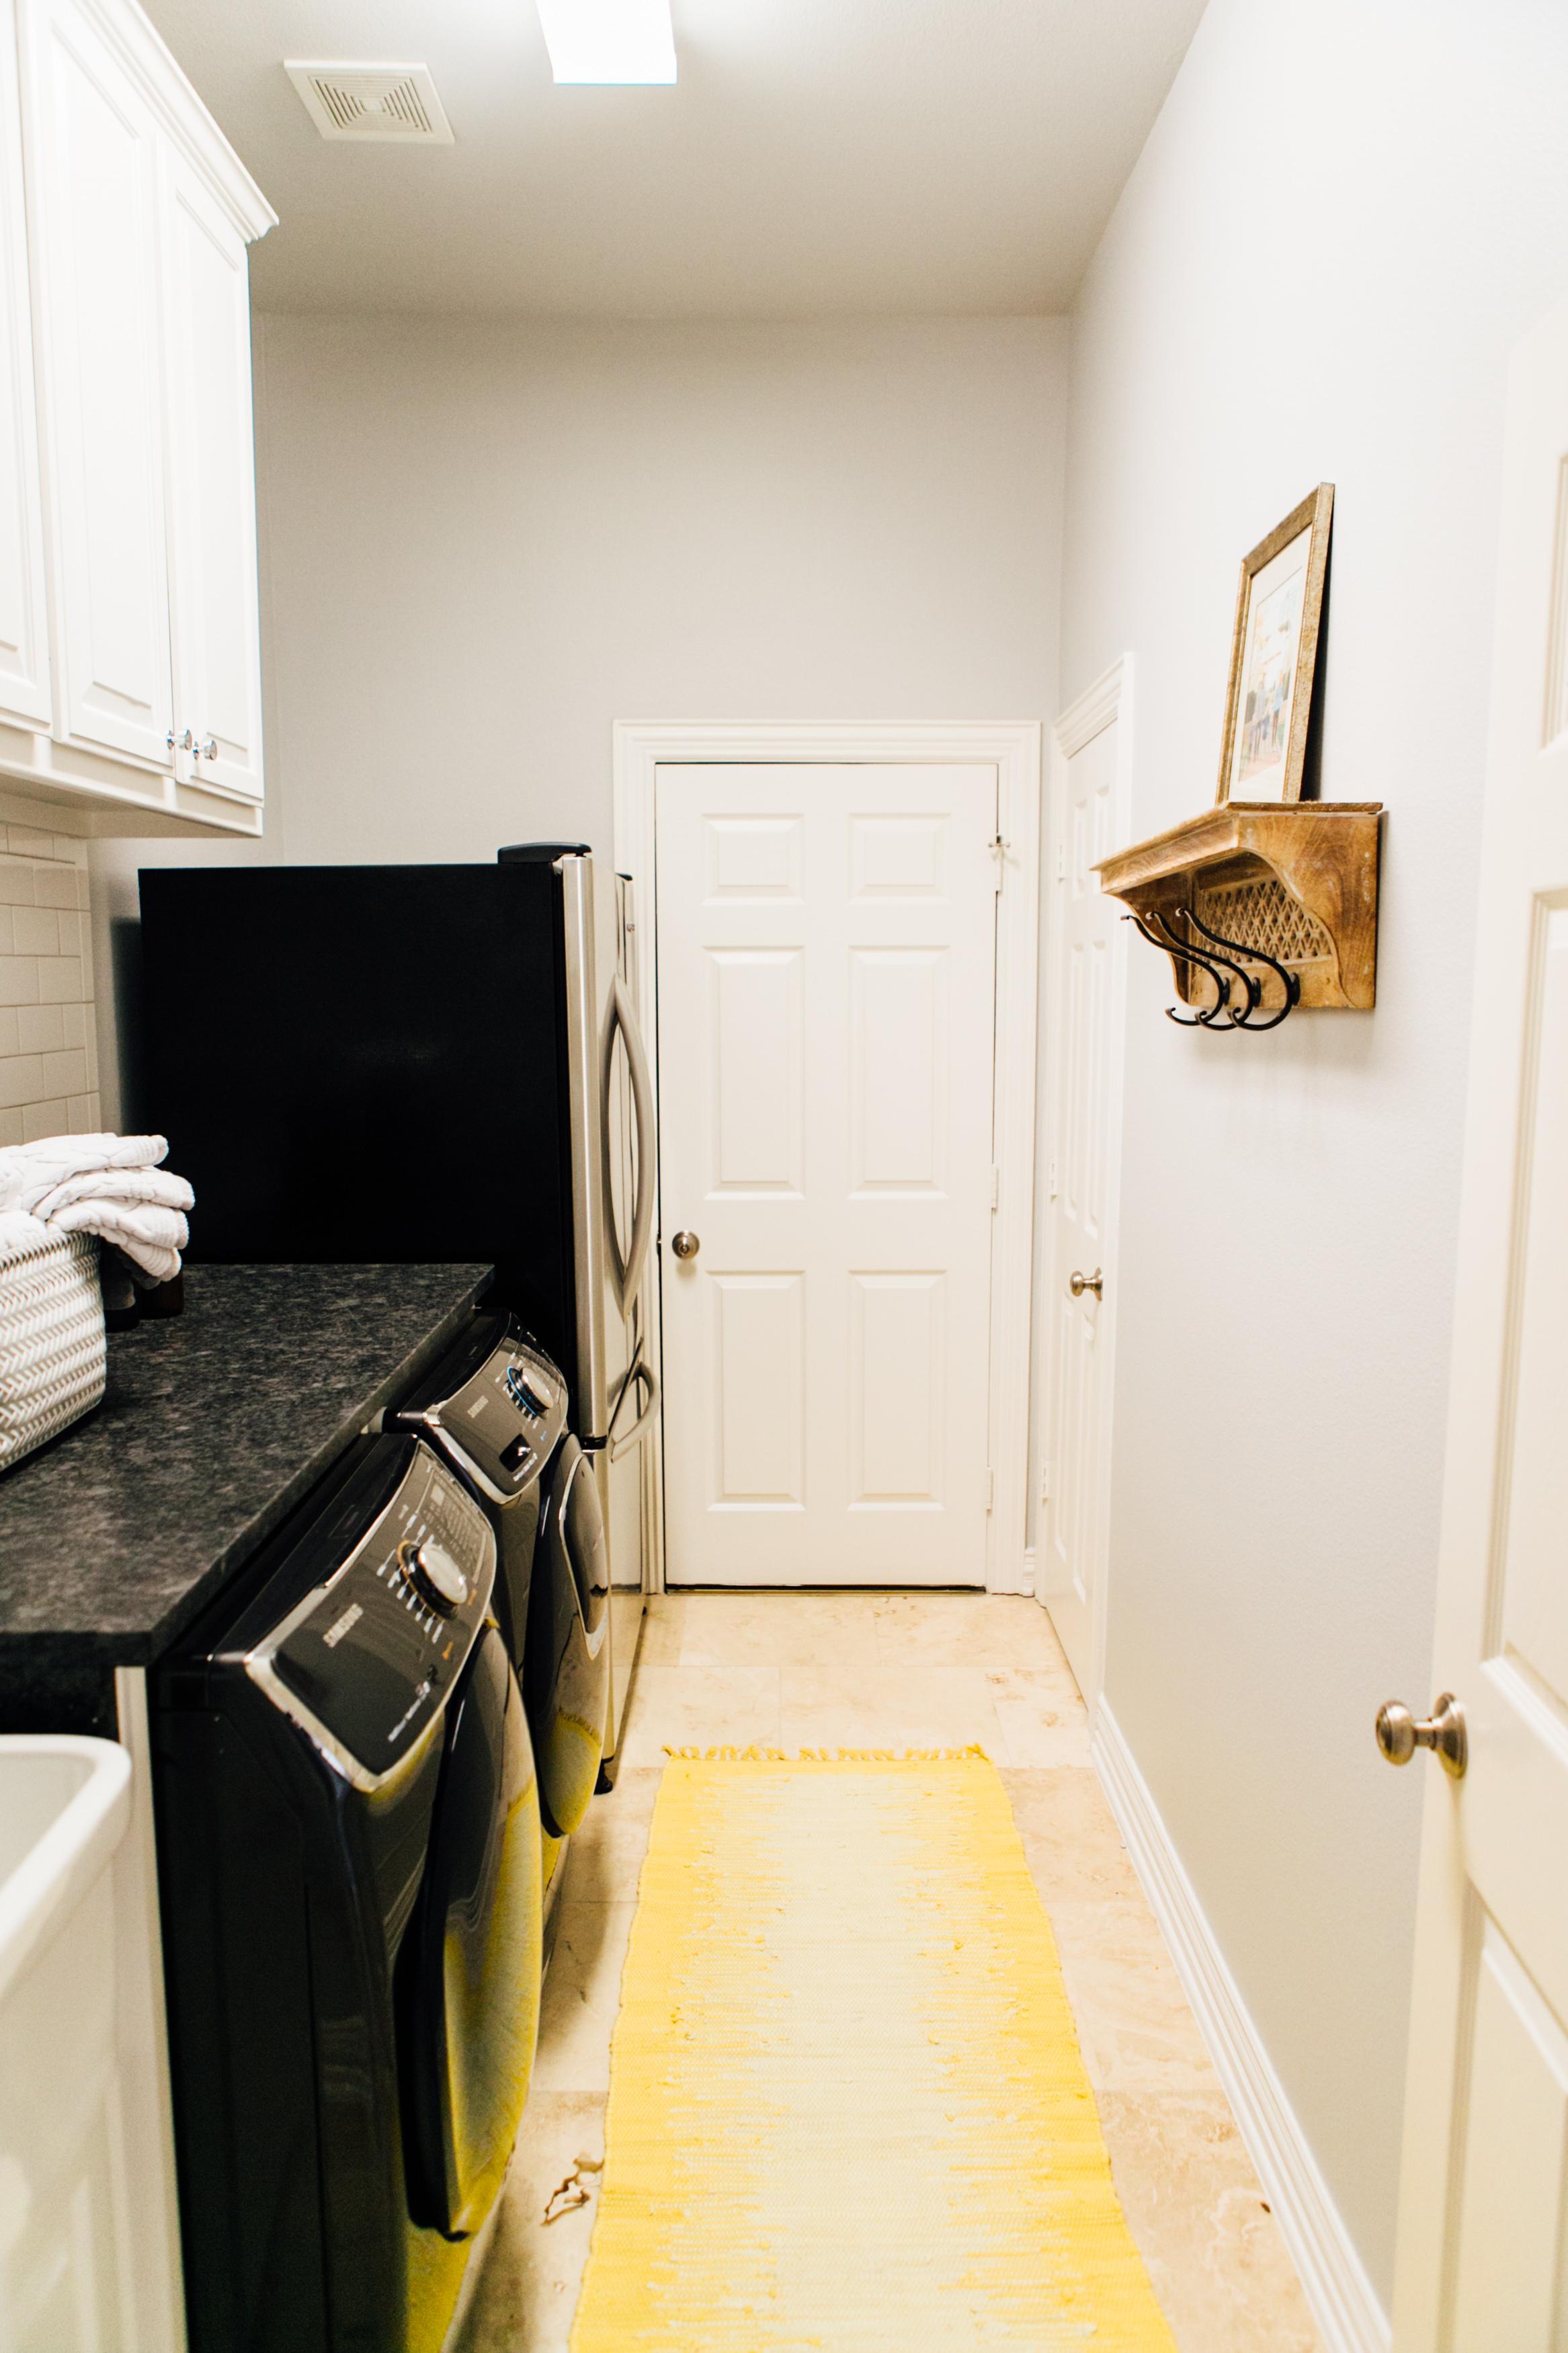 Laundry Room Remodel 9.jpg